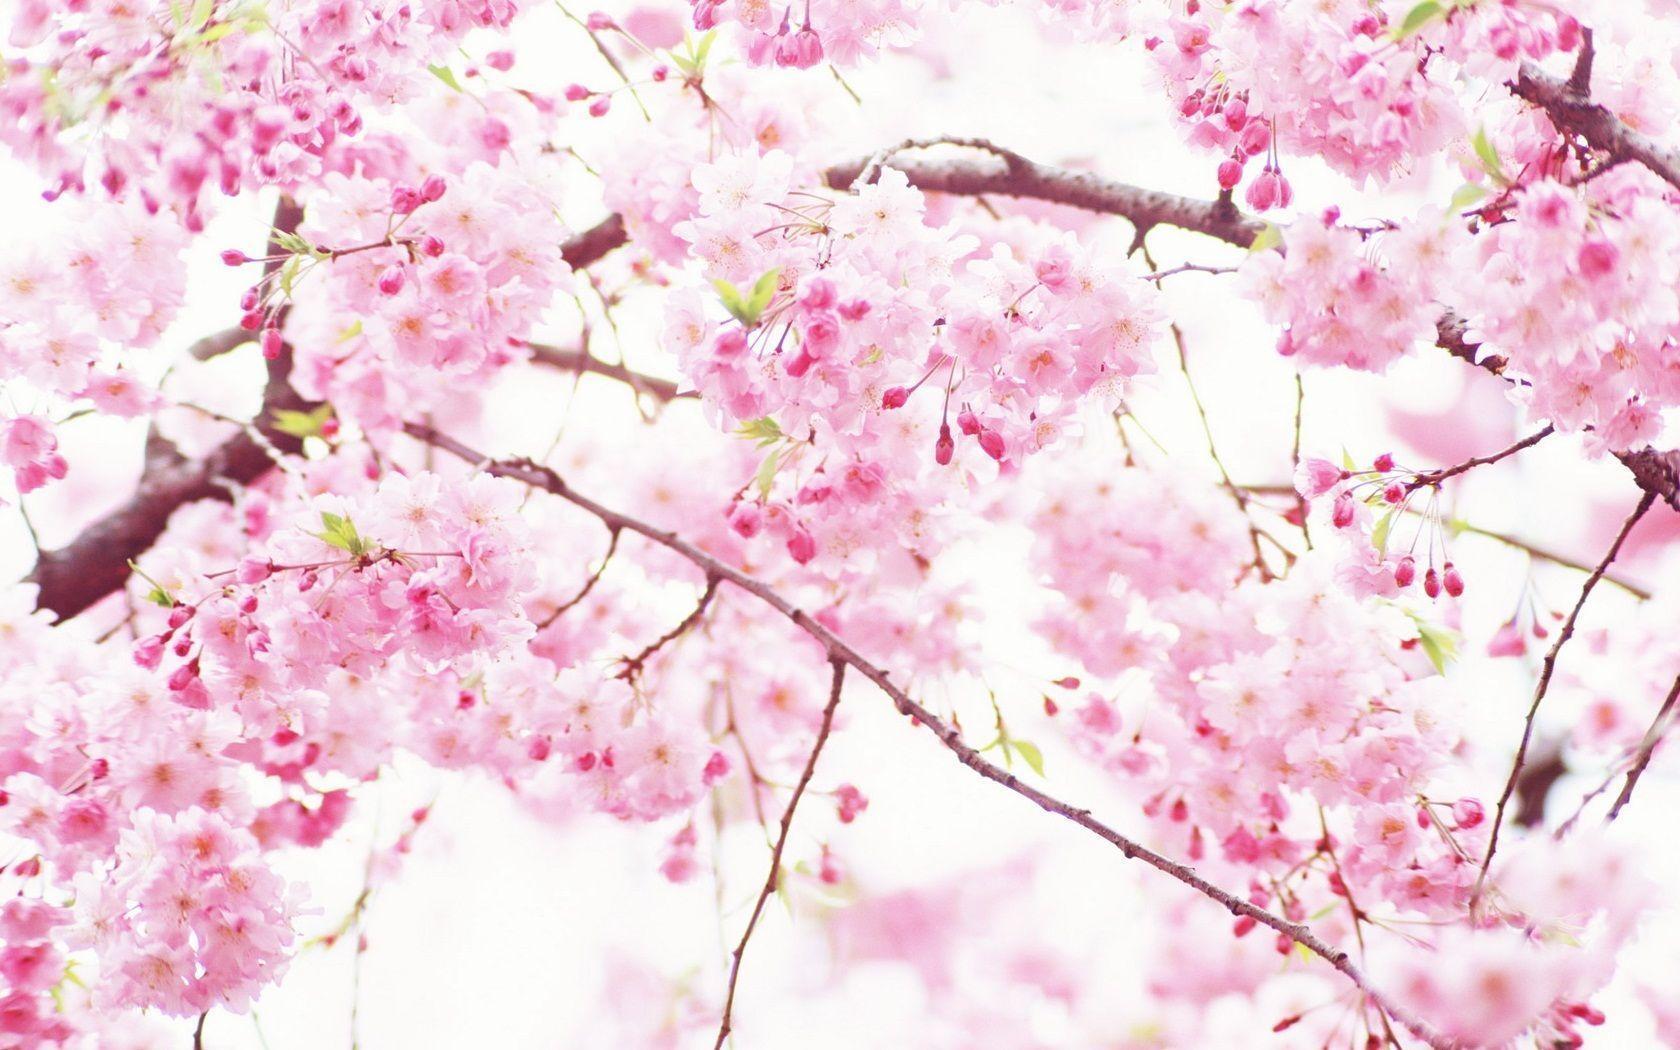 Pink Sakura Flowers #12141 / Good-